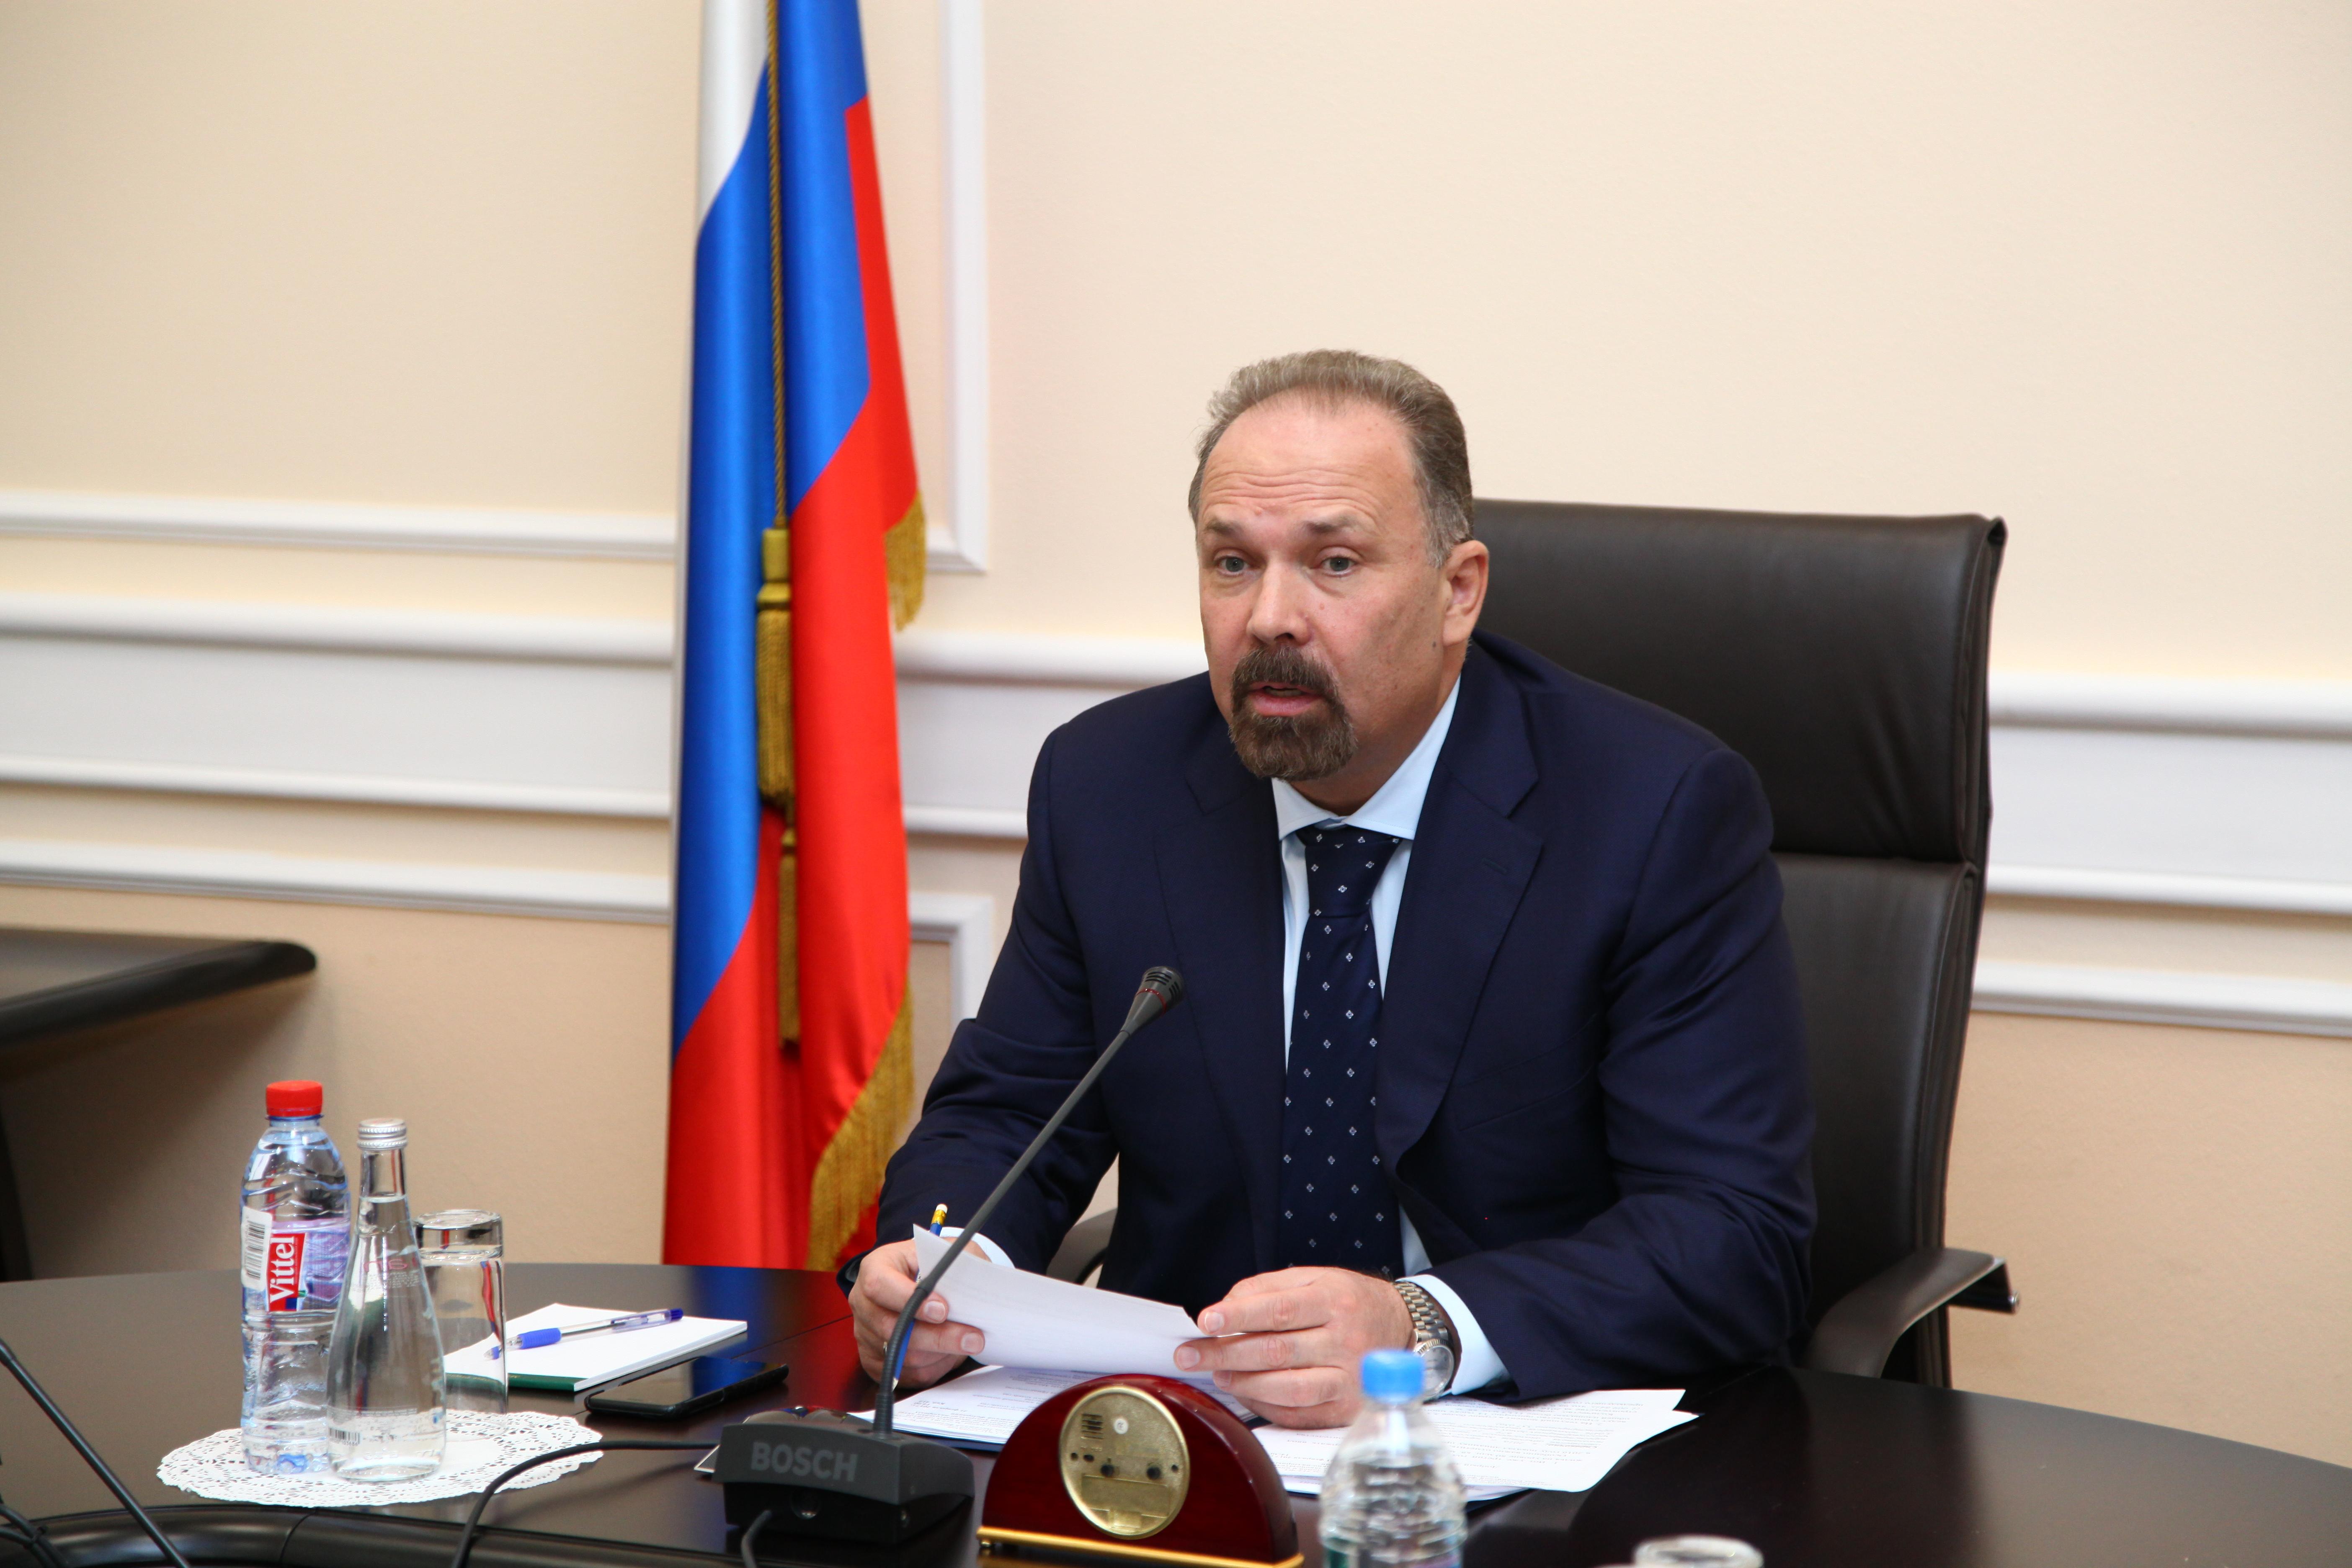 Минстрой России проведет обучающий семинар для малых городов и исторических поселений по участию в конкурсе проектов благоустройства